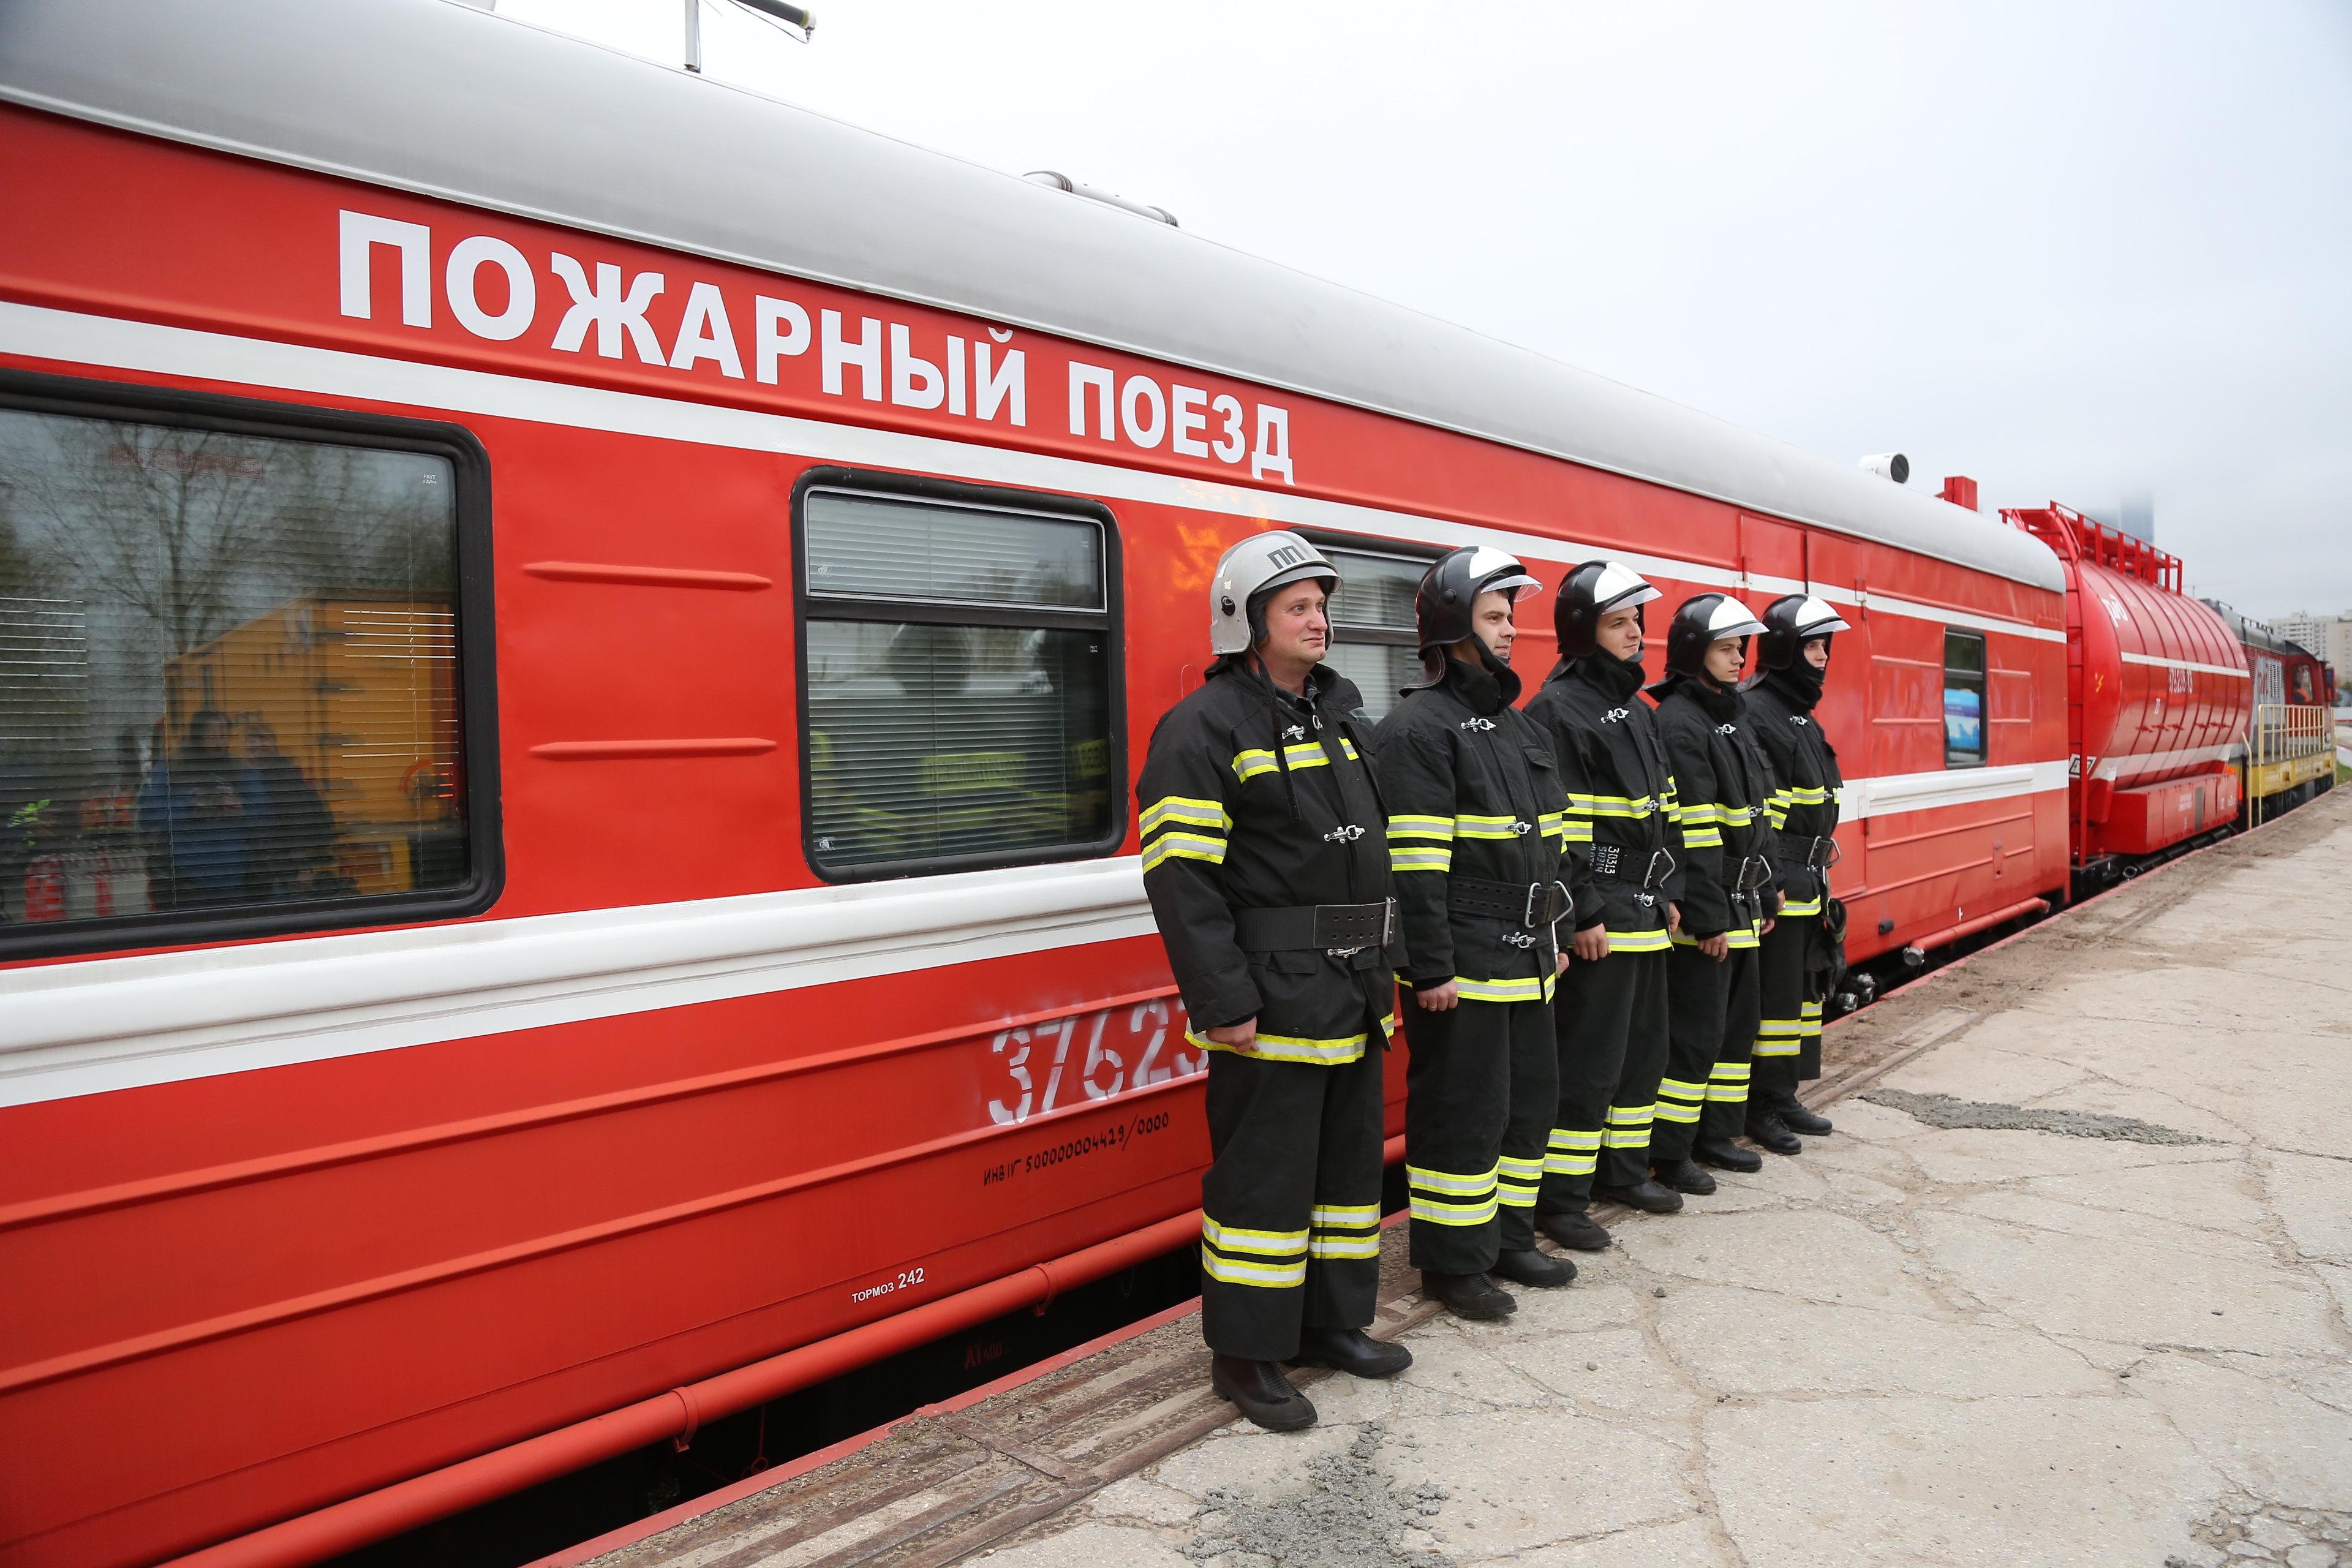 Как оформляется пожарный поезд